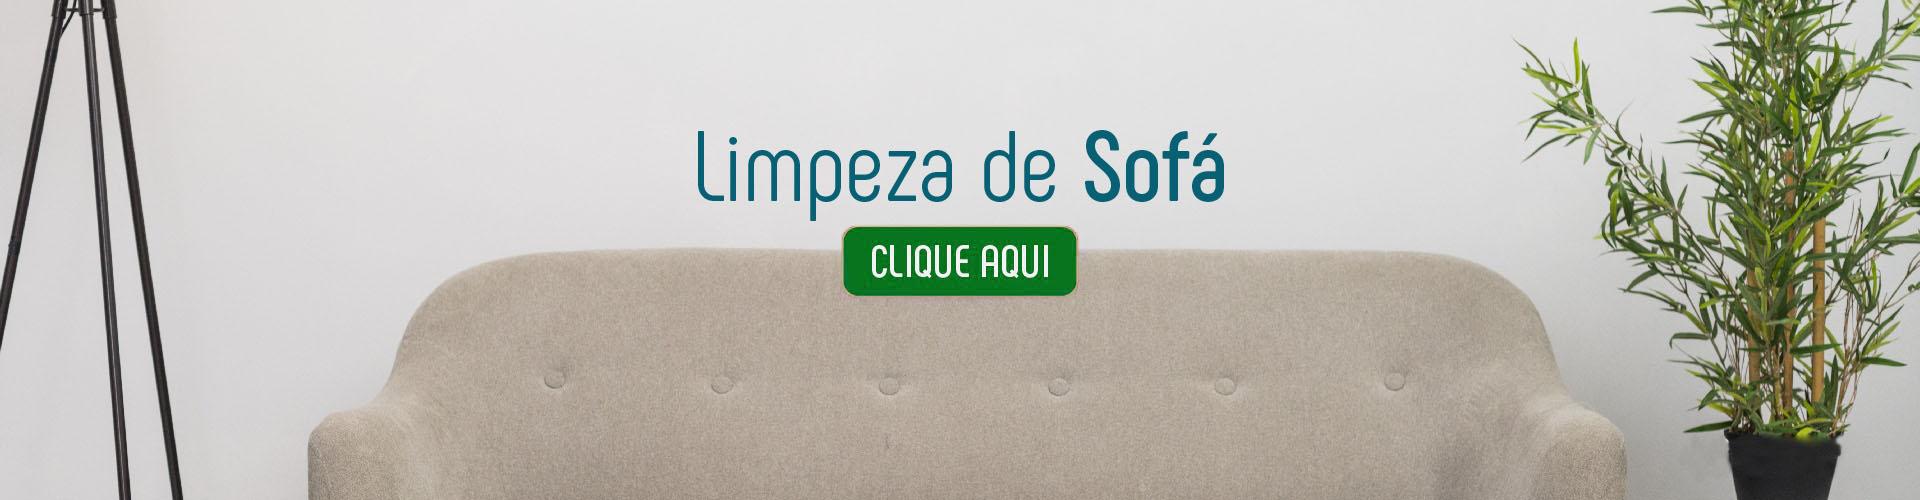 Limpeza-de-sofa